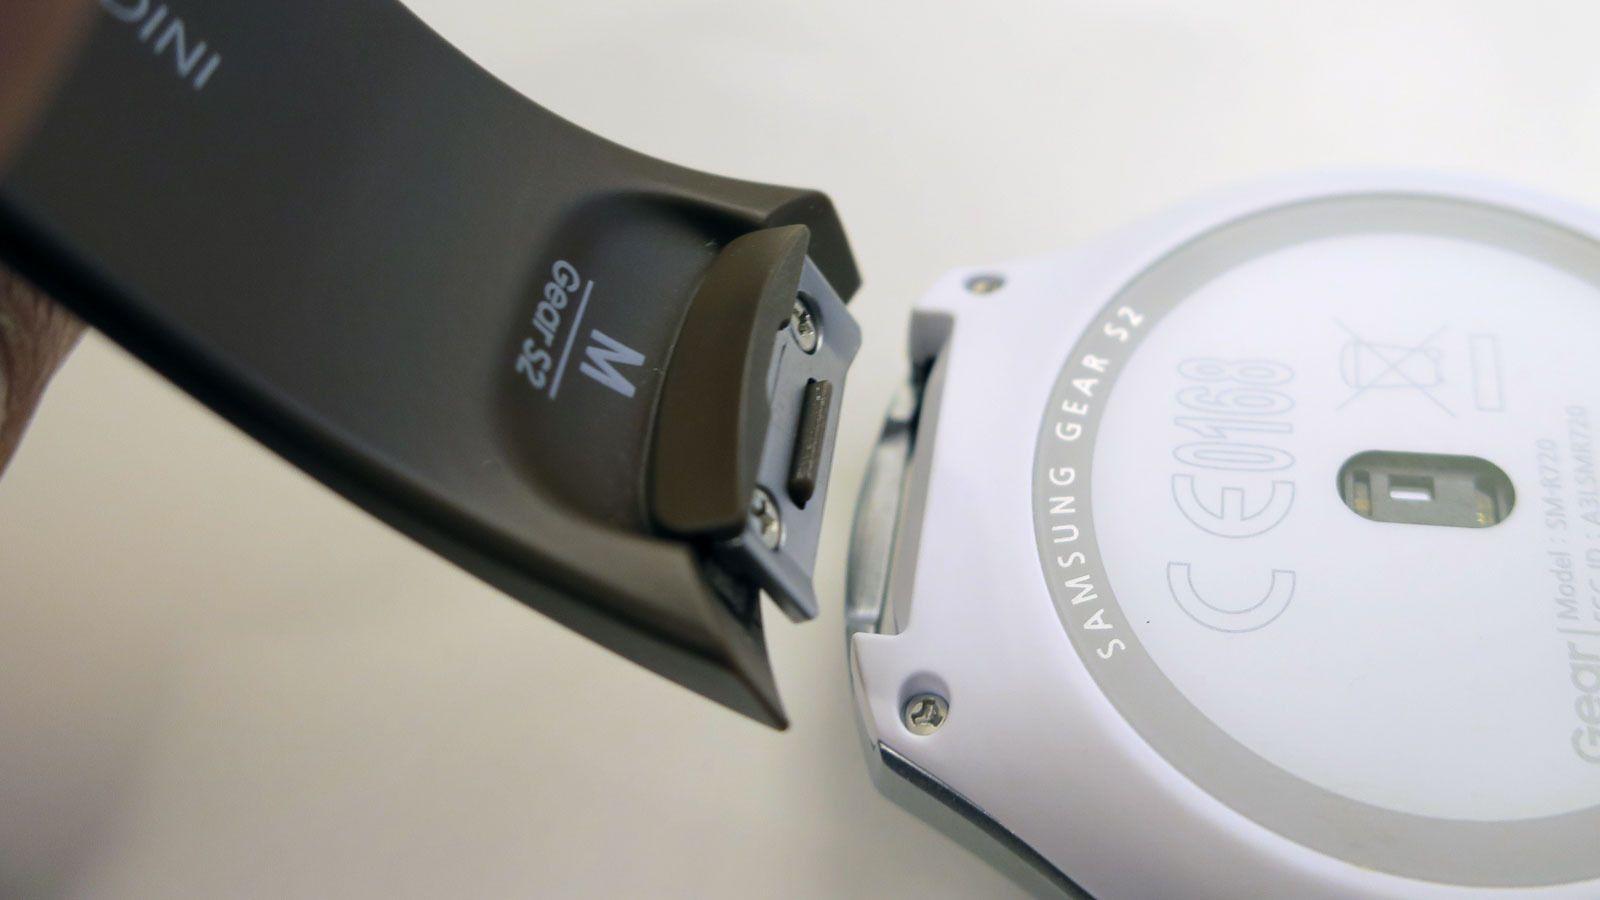 På standardmodellen har samsung valgt en festemekanisme som gjør at du ikke kan bruke vanlige klokkeremmer. Å bytte rem går som en lek, og du kan få remmer i flere farger og med ulike mønster. Foto: Espen Irwing Swang, Tek.no